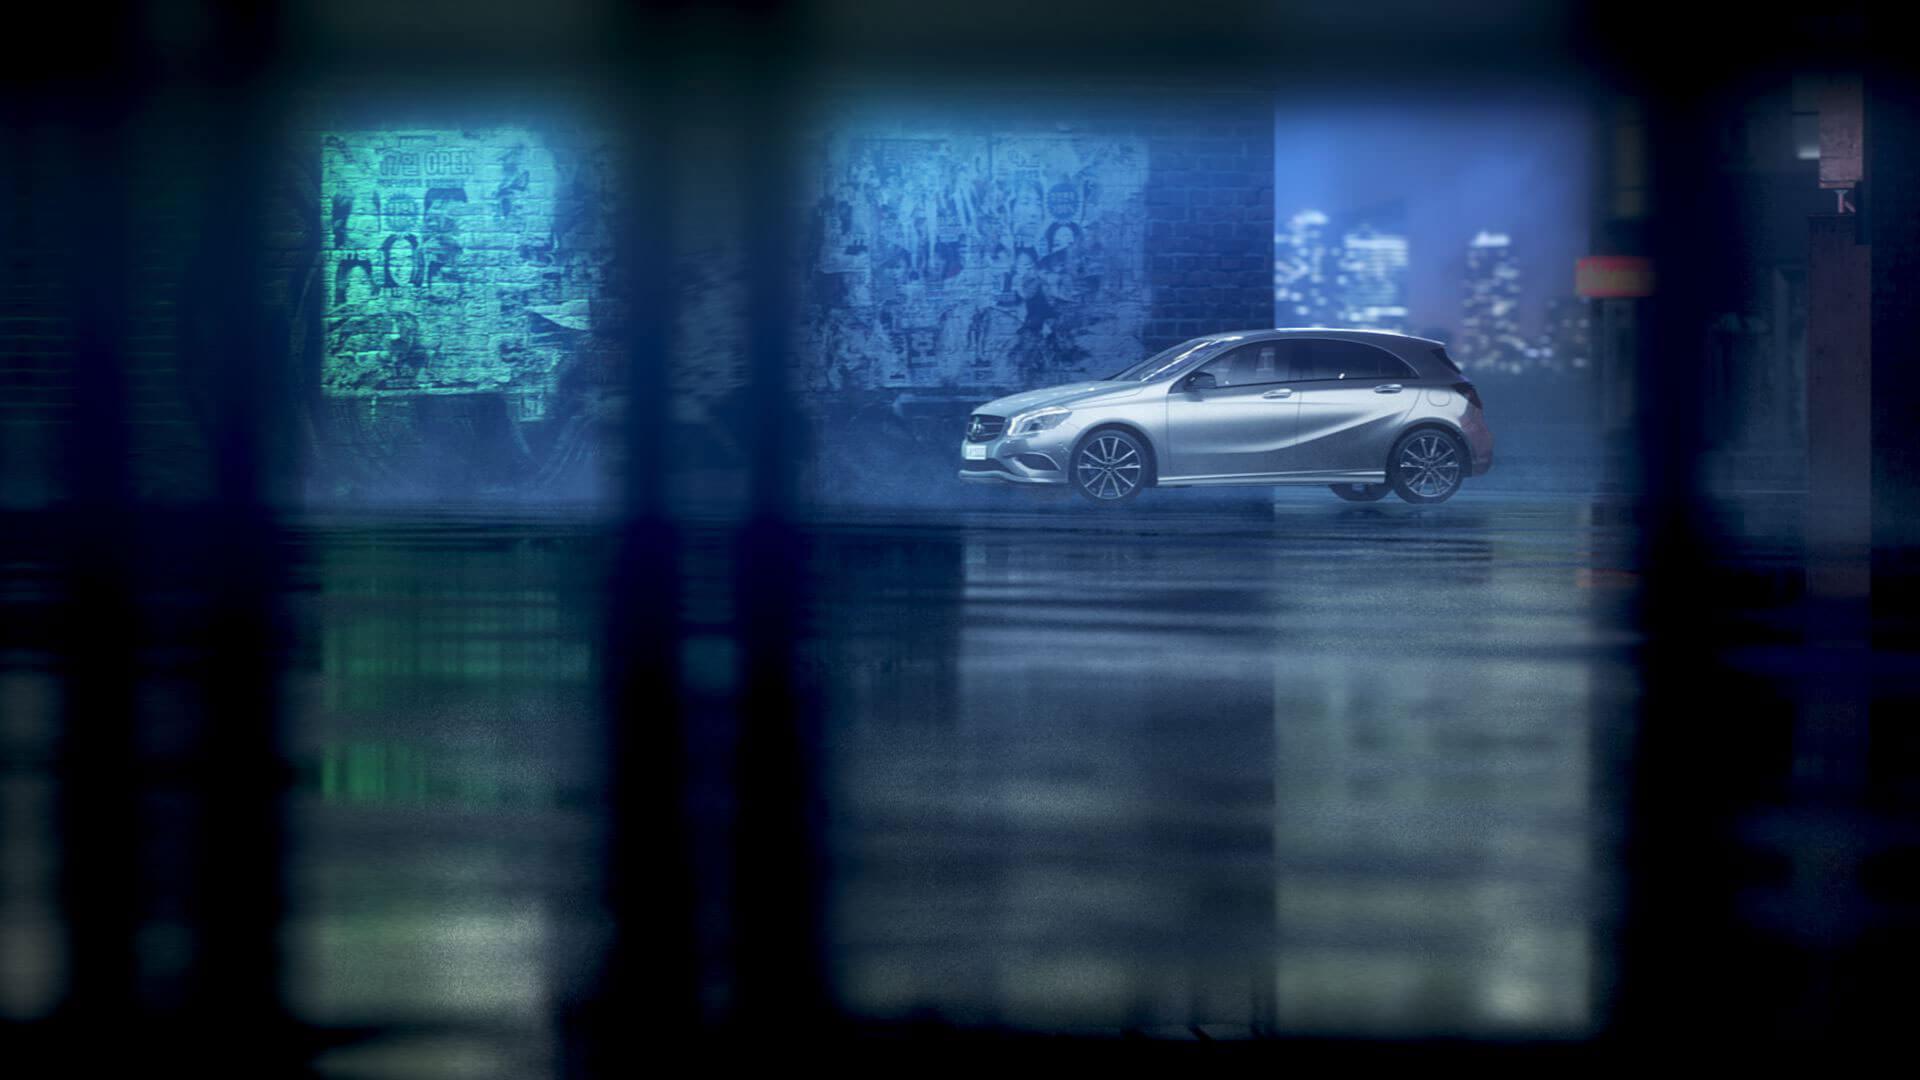 Der 3D-animierte Trailer und die Augmented Reality App von Mercedes Benz stellt das Zubehör vor.